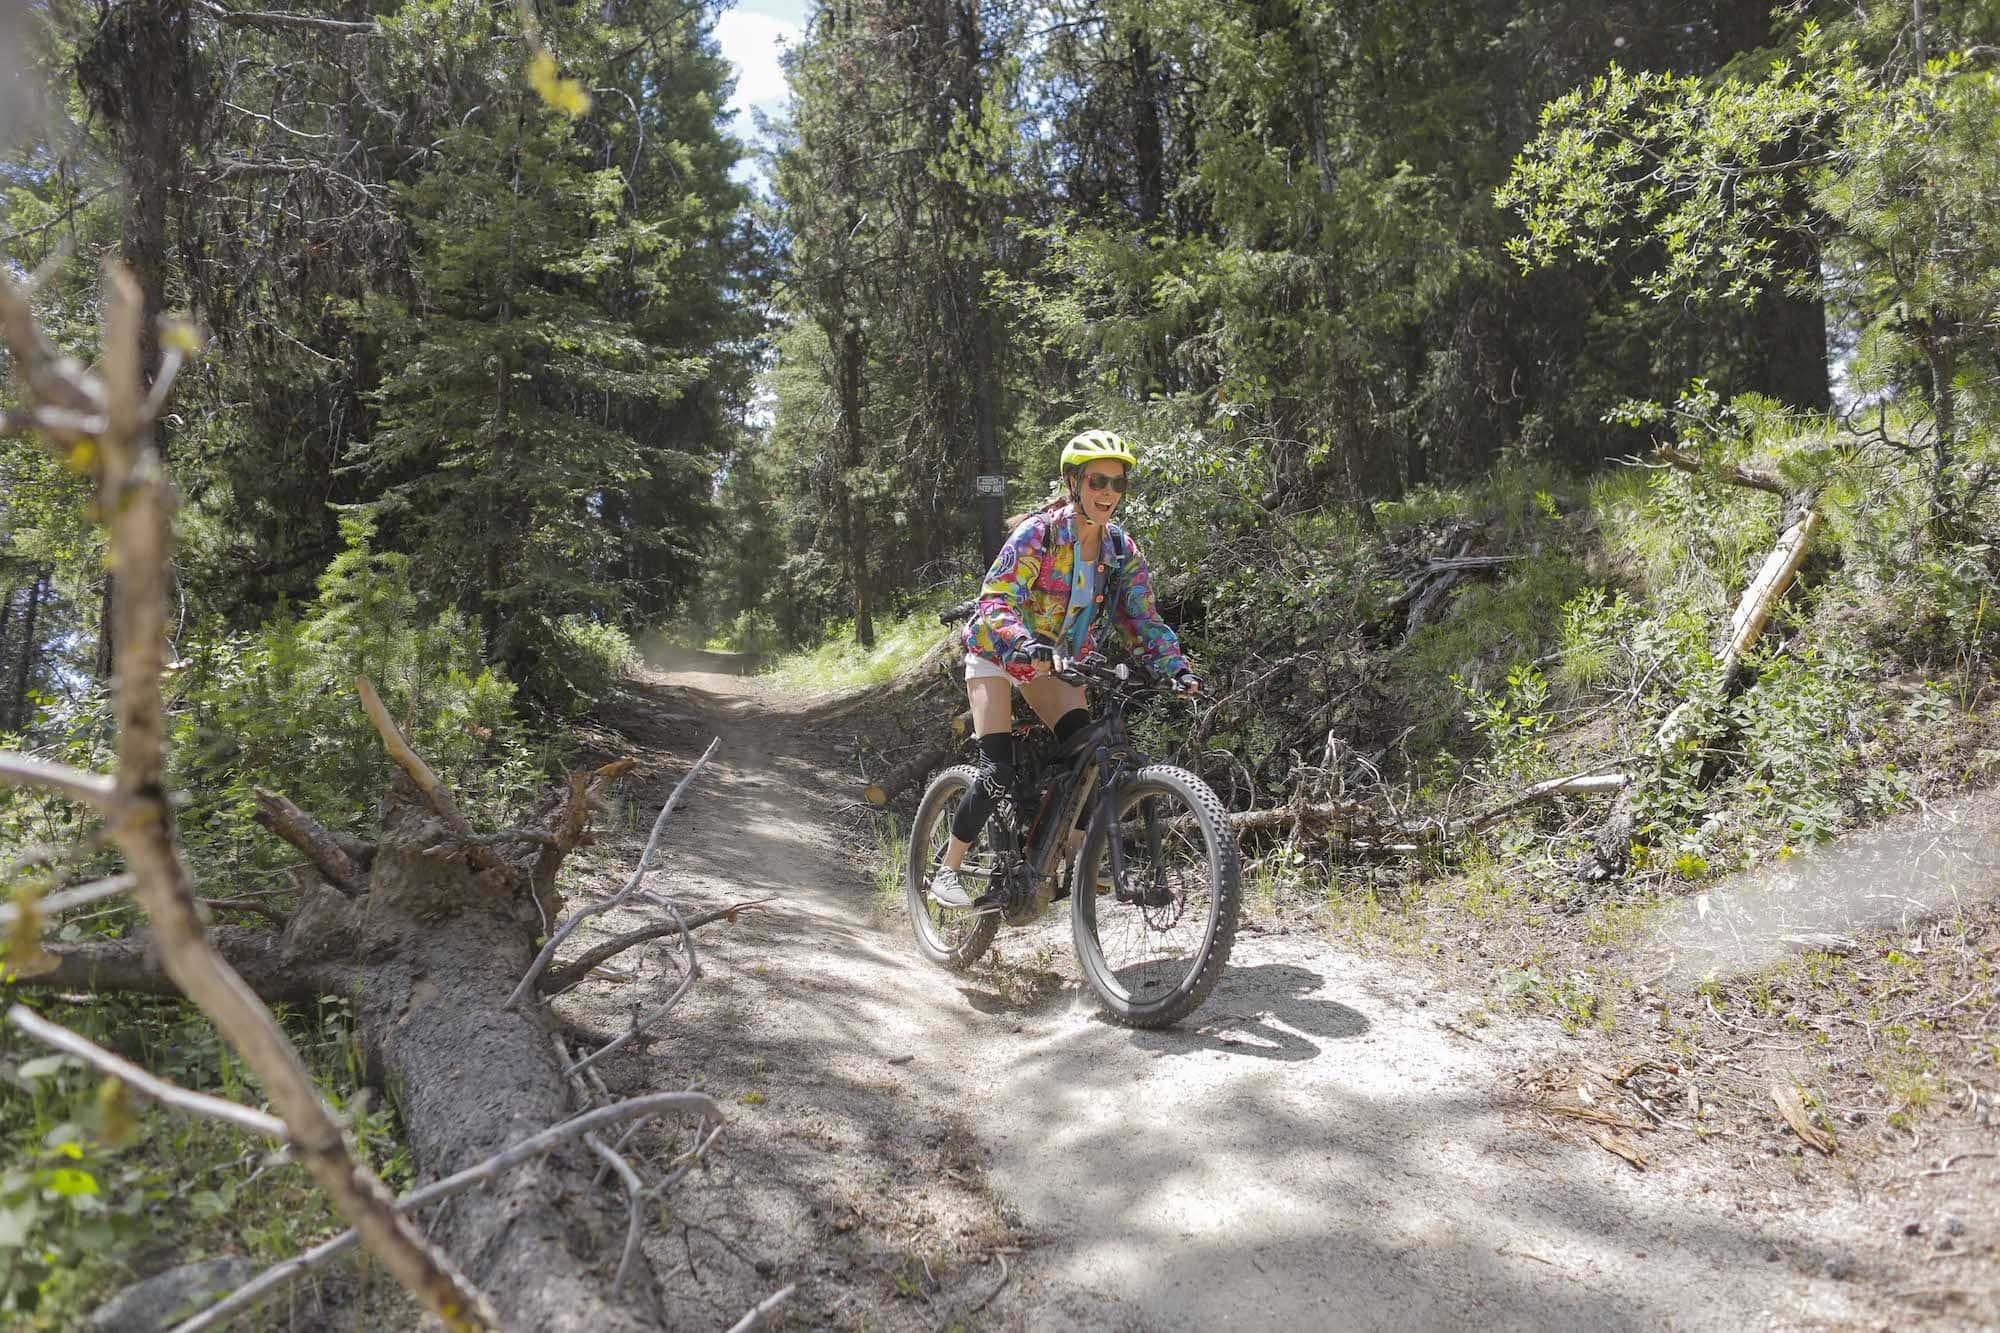 Mountain biking at Open Roads Fest